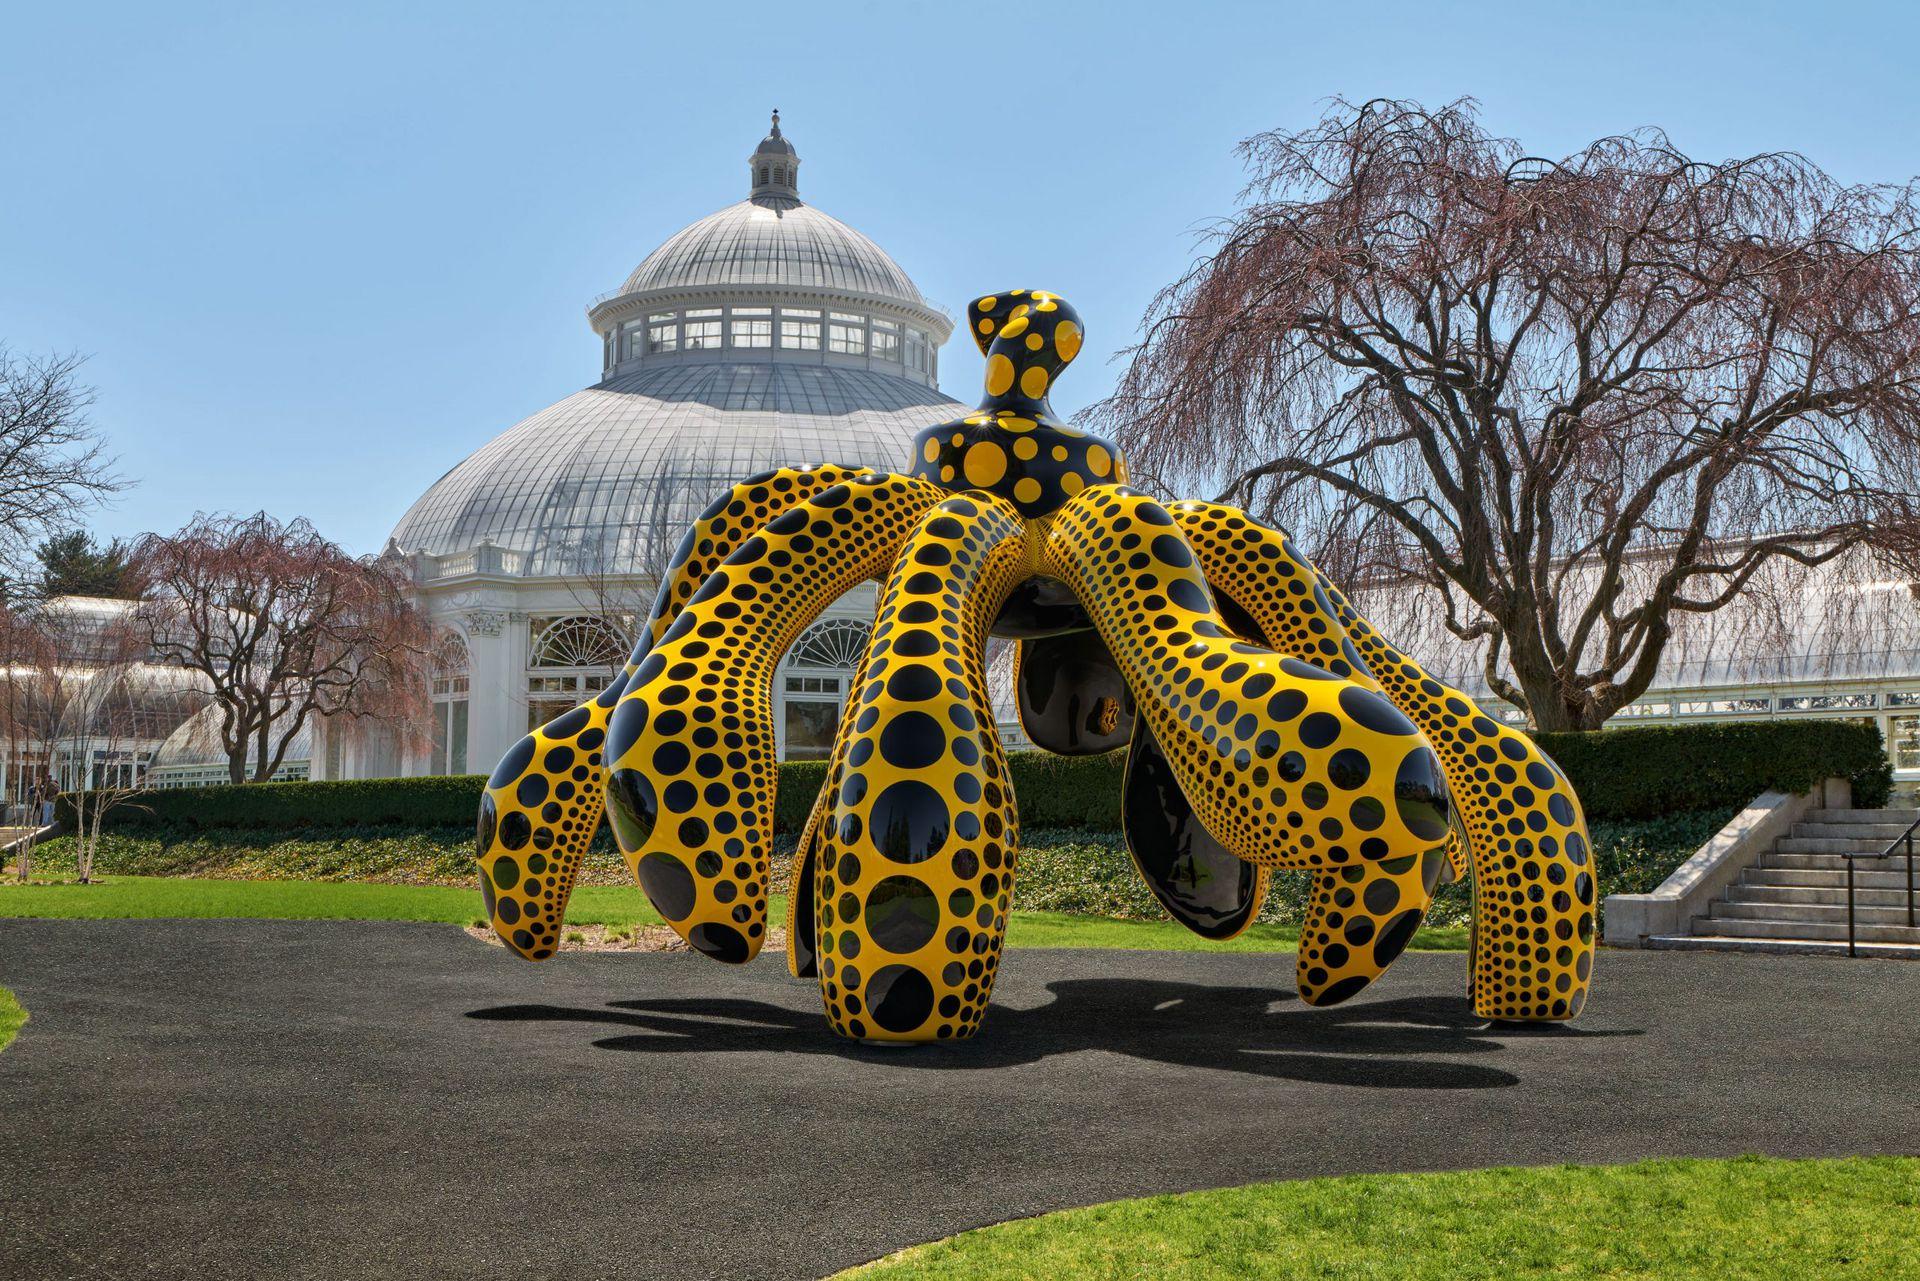 Dancing Pumpkin, 2020. Una monumental escultura de bronce con forma de calabaza pintada en negro y amarillo, ubicada en el jardín del conservatorio.